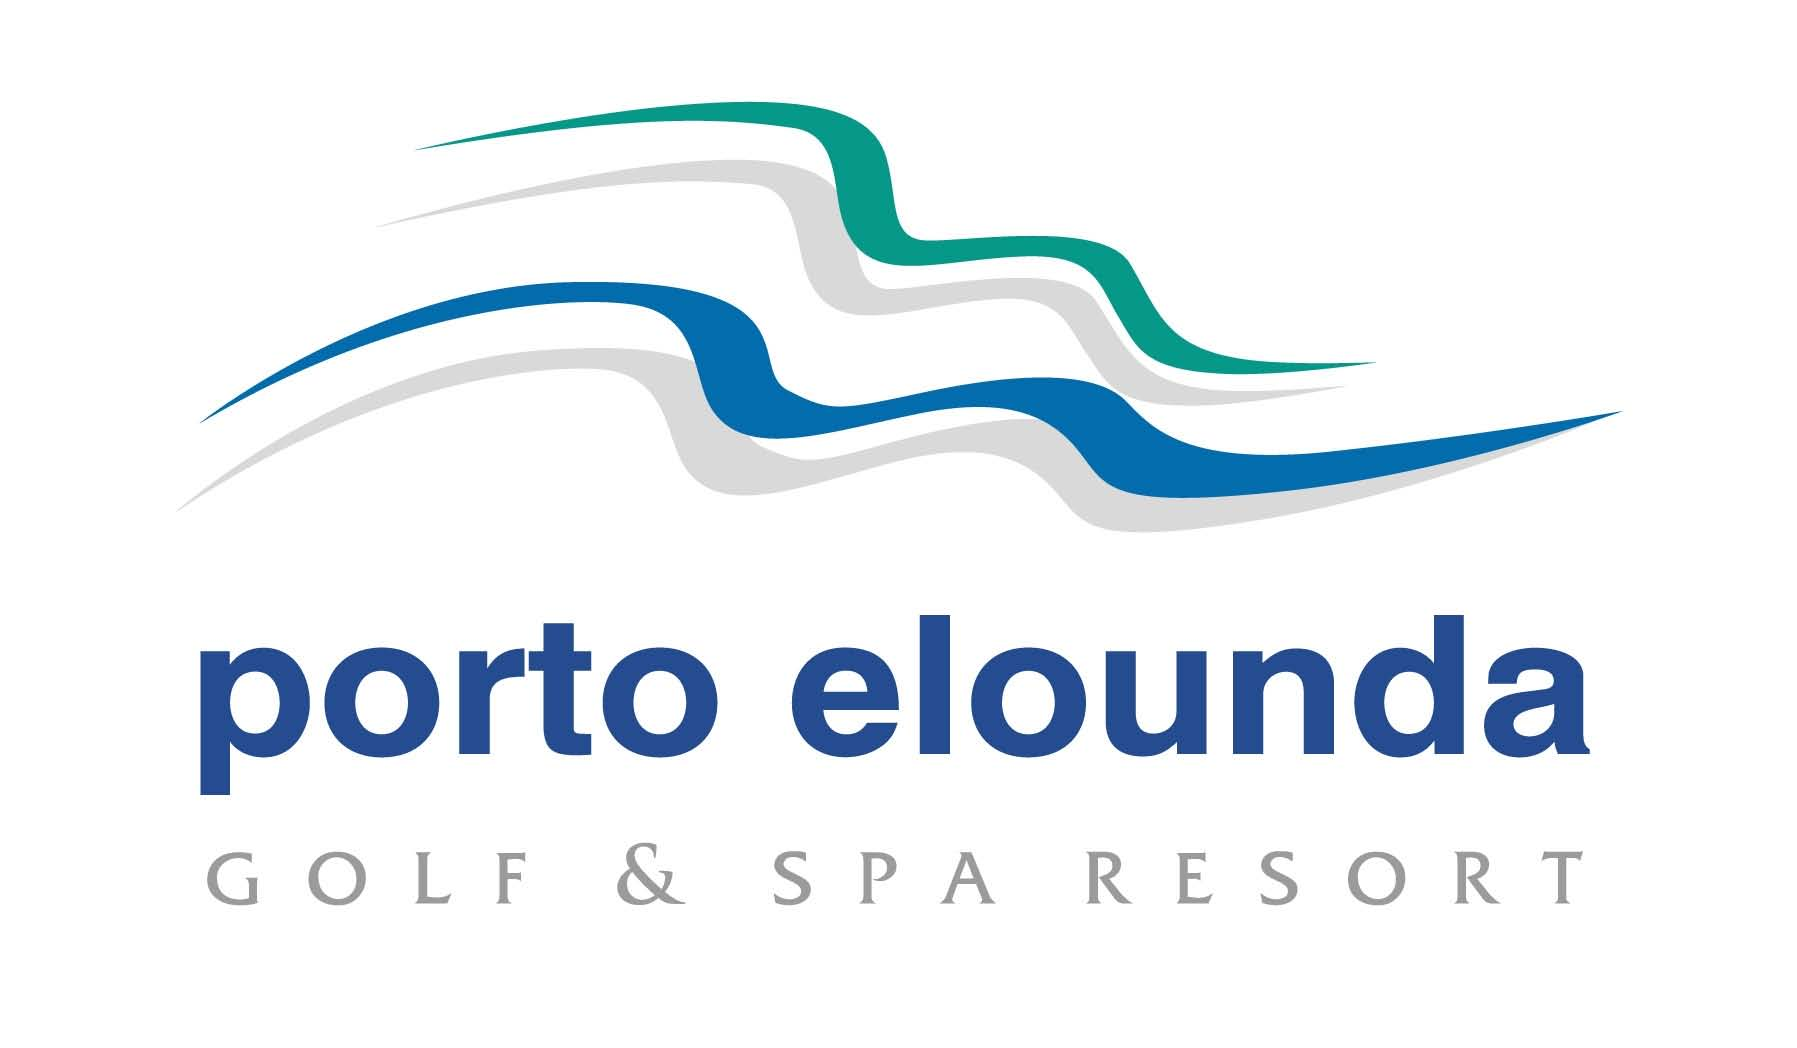 Porto Elounda Golf & Spa.jpg